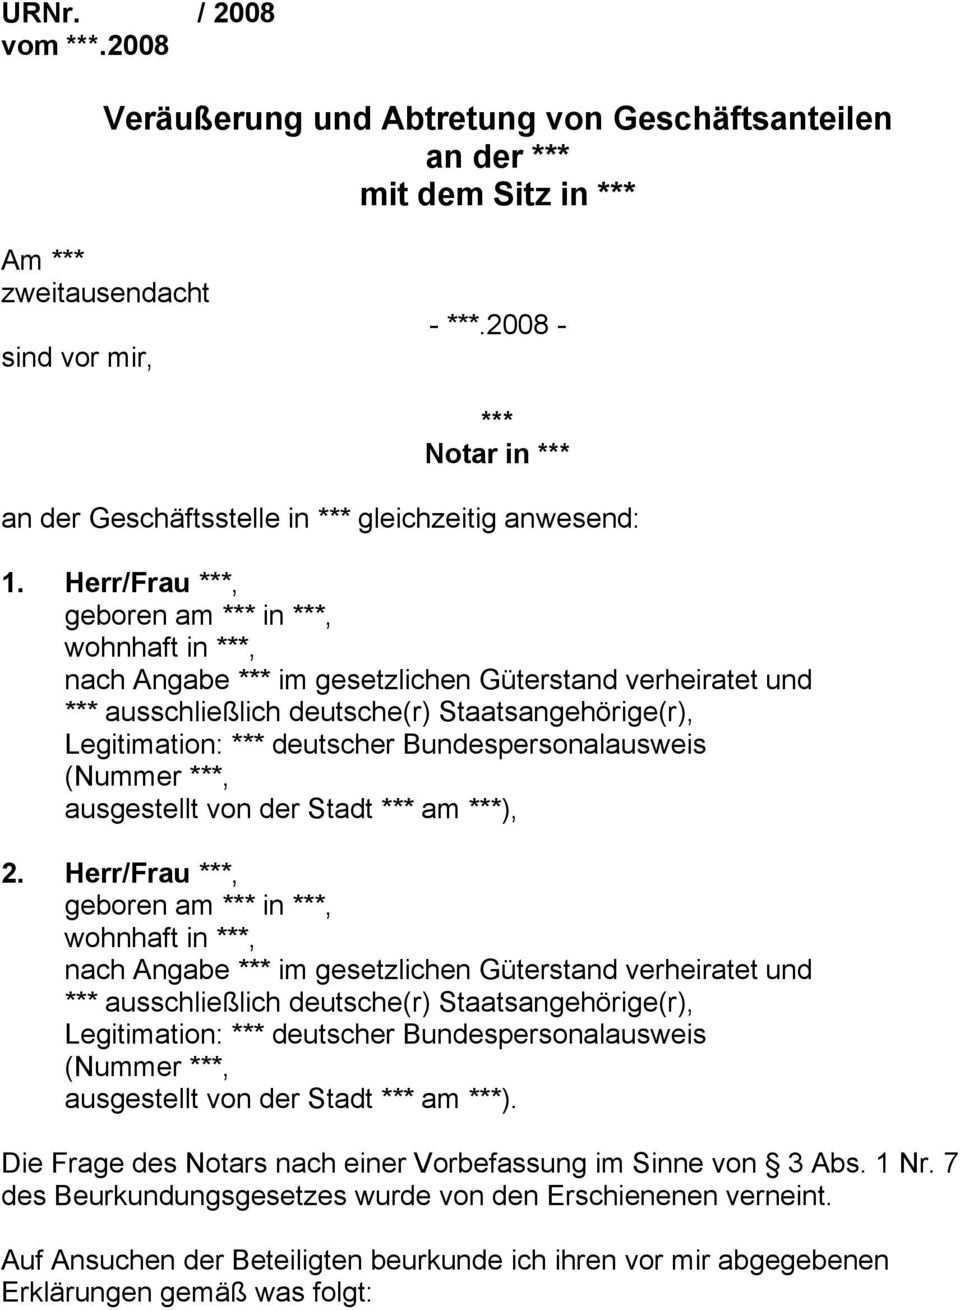 Verausserung Und Abtretung Von Geschaftsanteilen An Der Mit Dem Sitz In Pdf Free Download